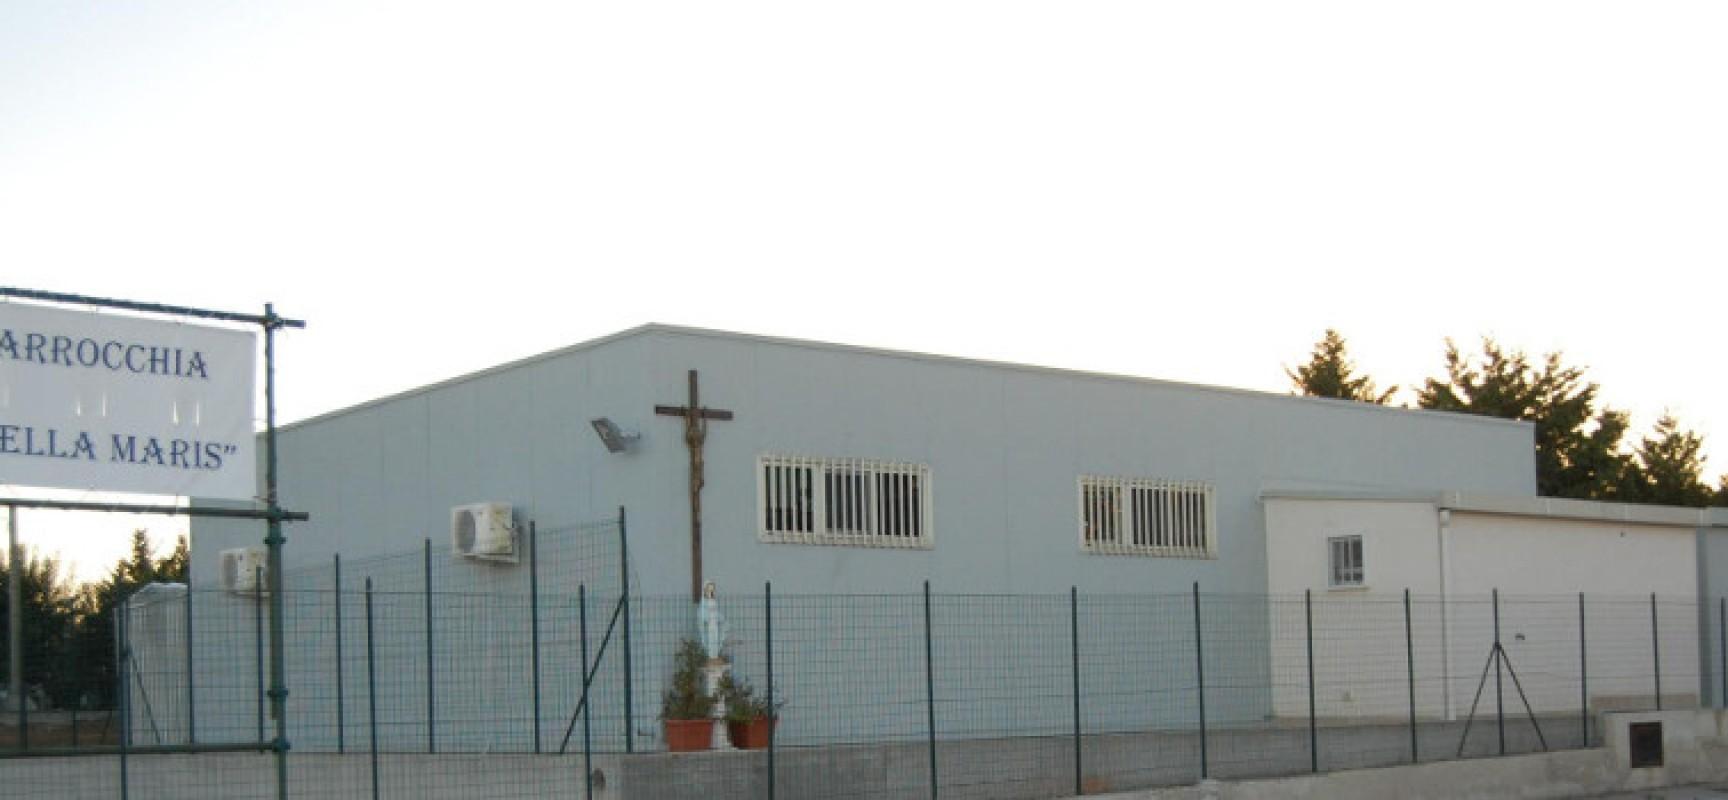 Domani la parrocchia Stella Maris ospita tavola rotonda sulle opere di misericordia corporali